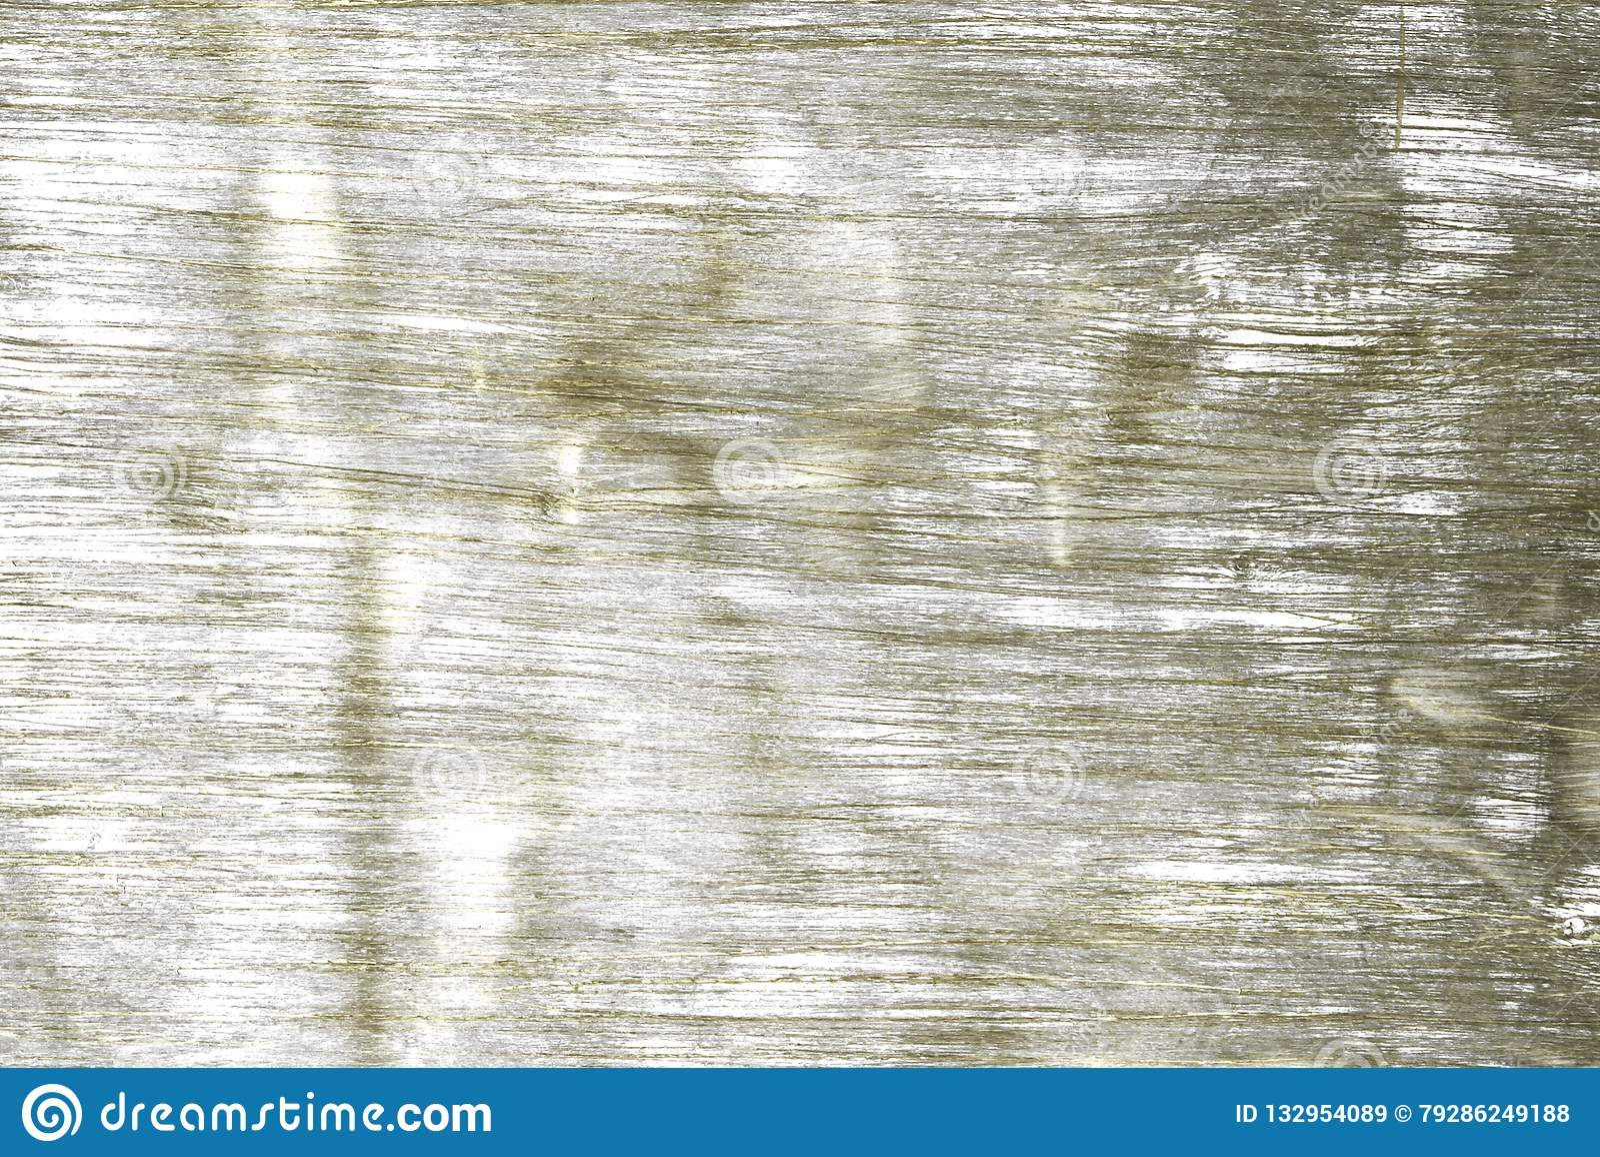 Gul randig naturlig trämateriell textur för Grunge - underbar abstrakt fotobakgrund